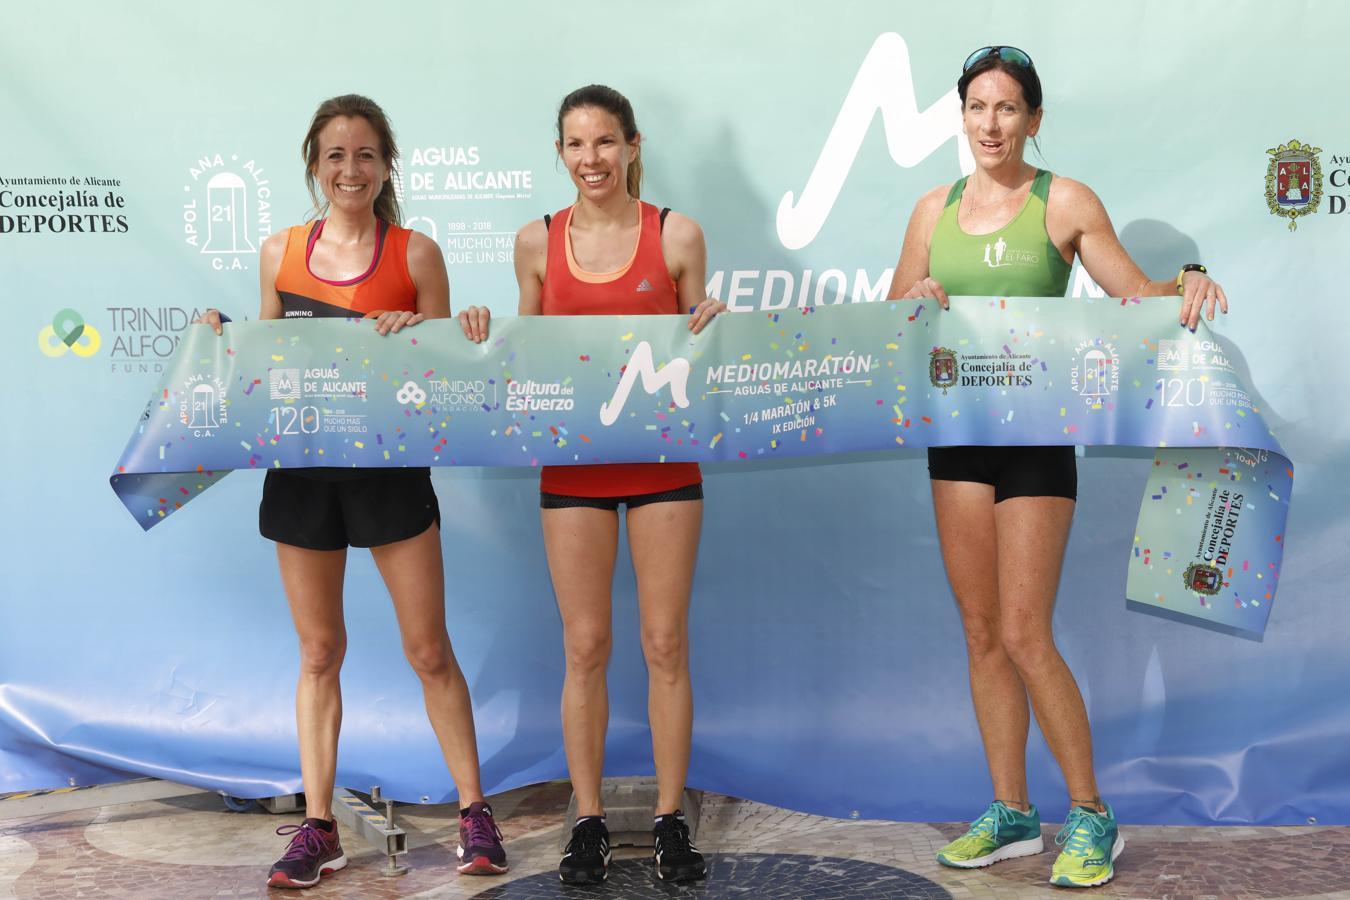 El Medio Maratón de Aguas de Alicante, en imágenes